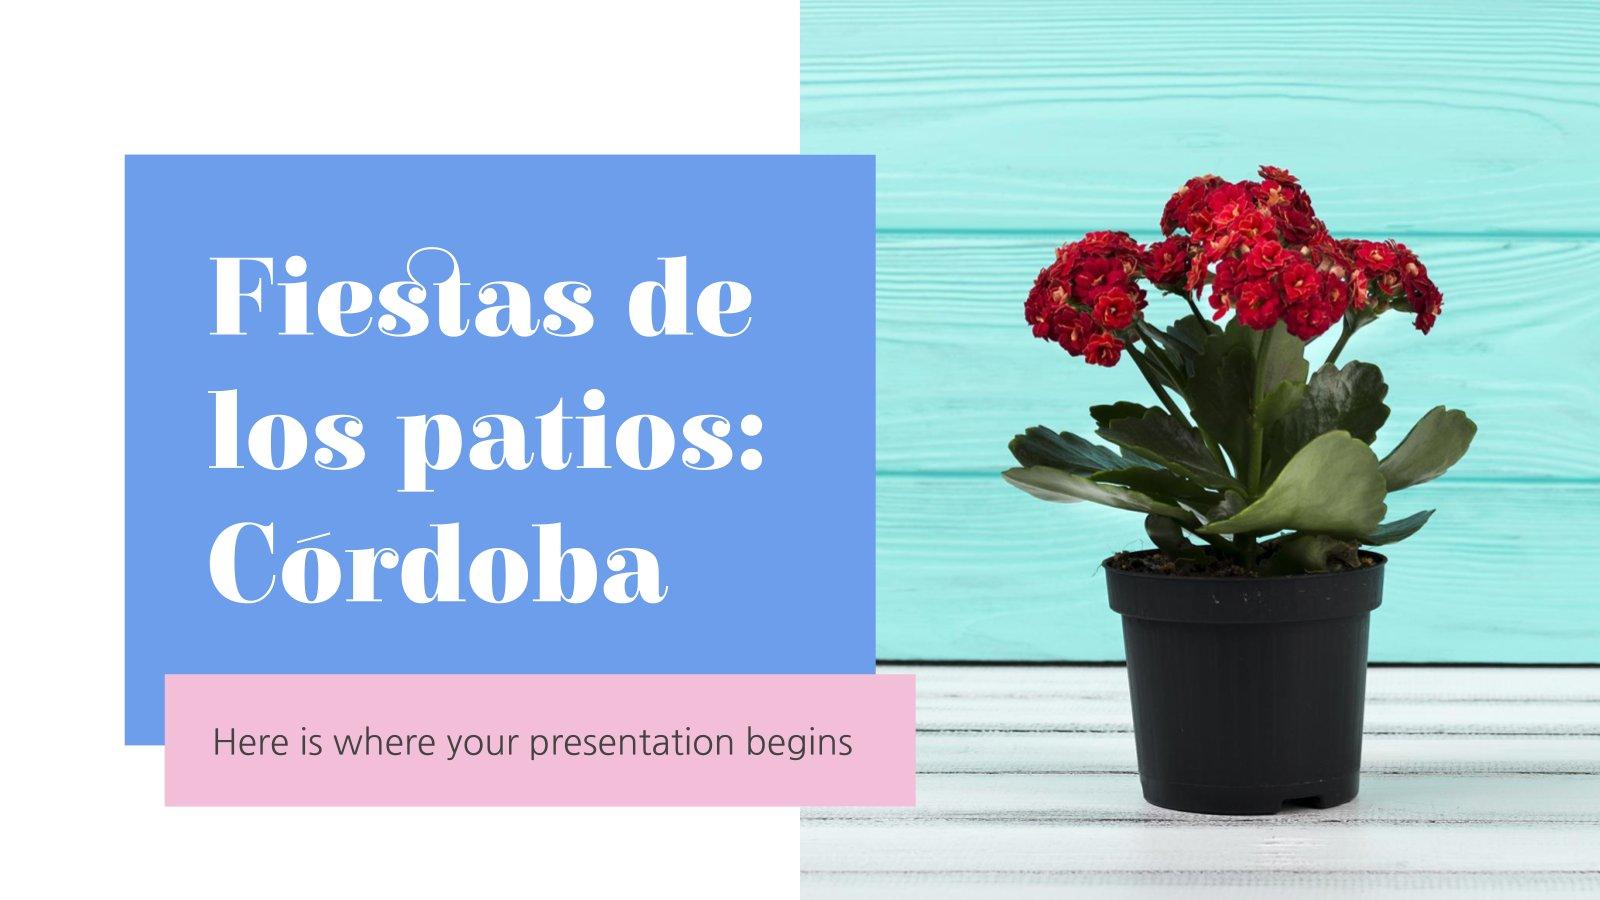 Plantilla de presentación Fiesta de los patios: Córdoba